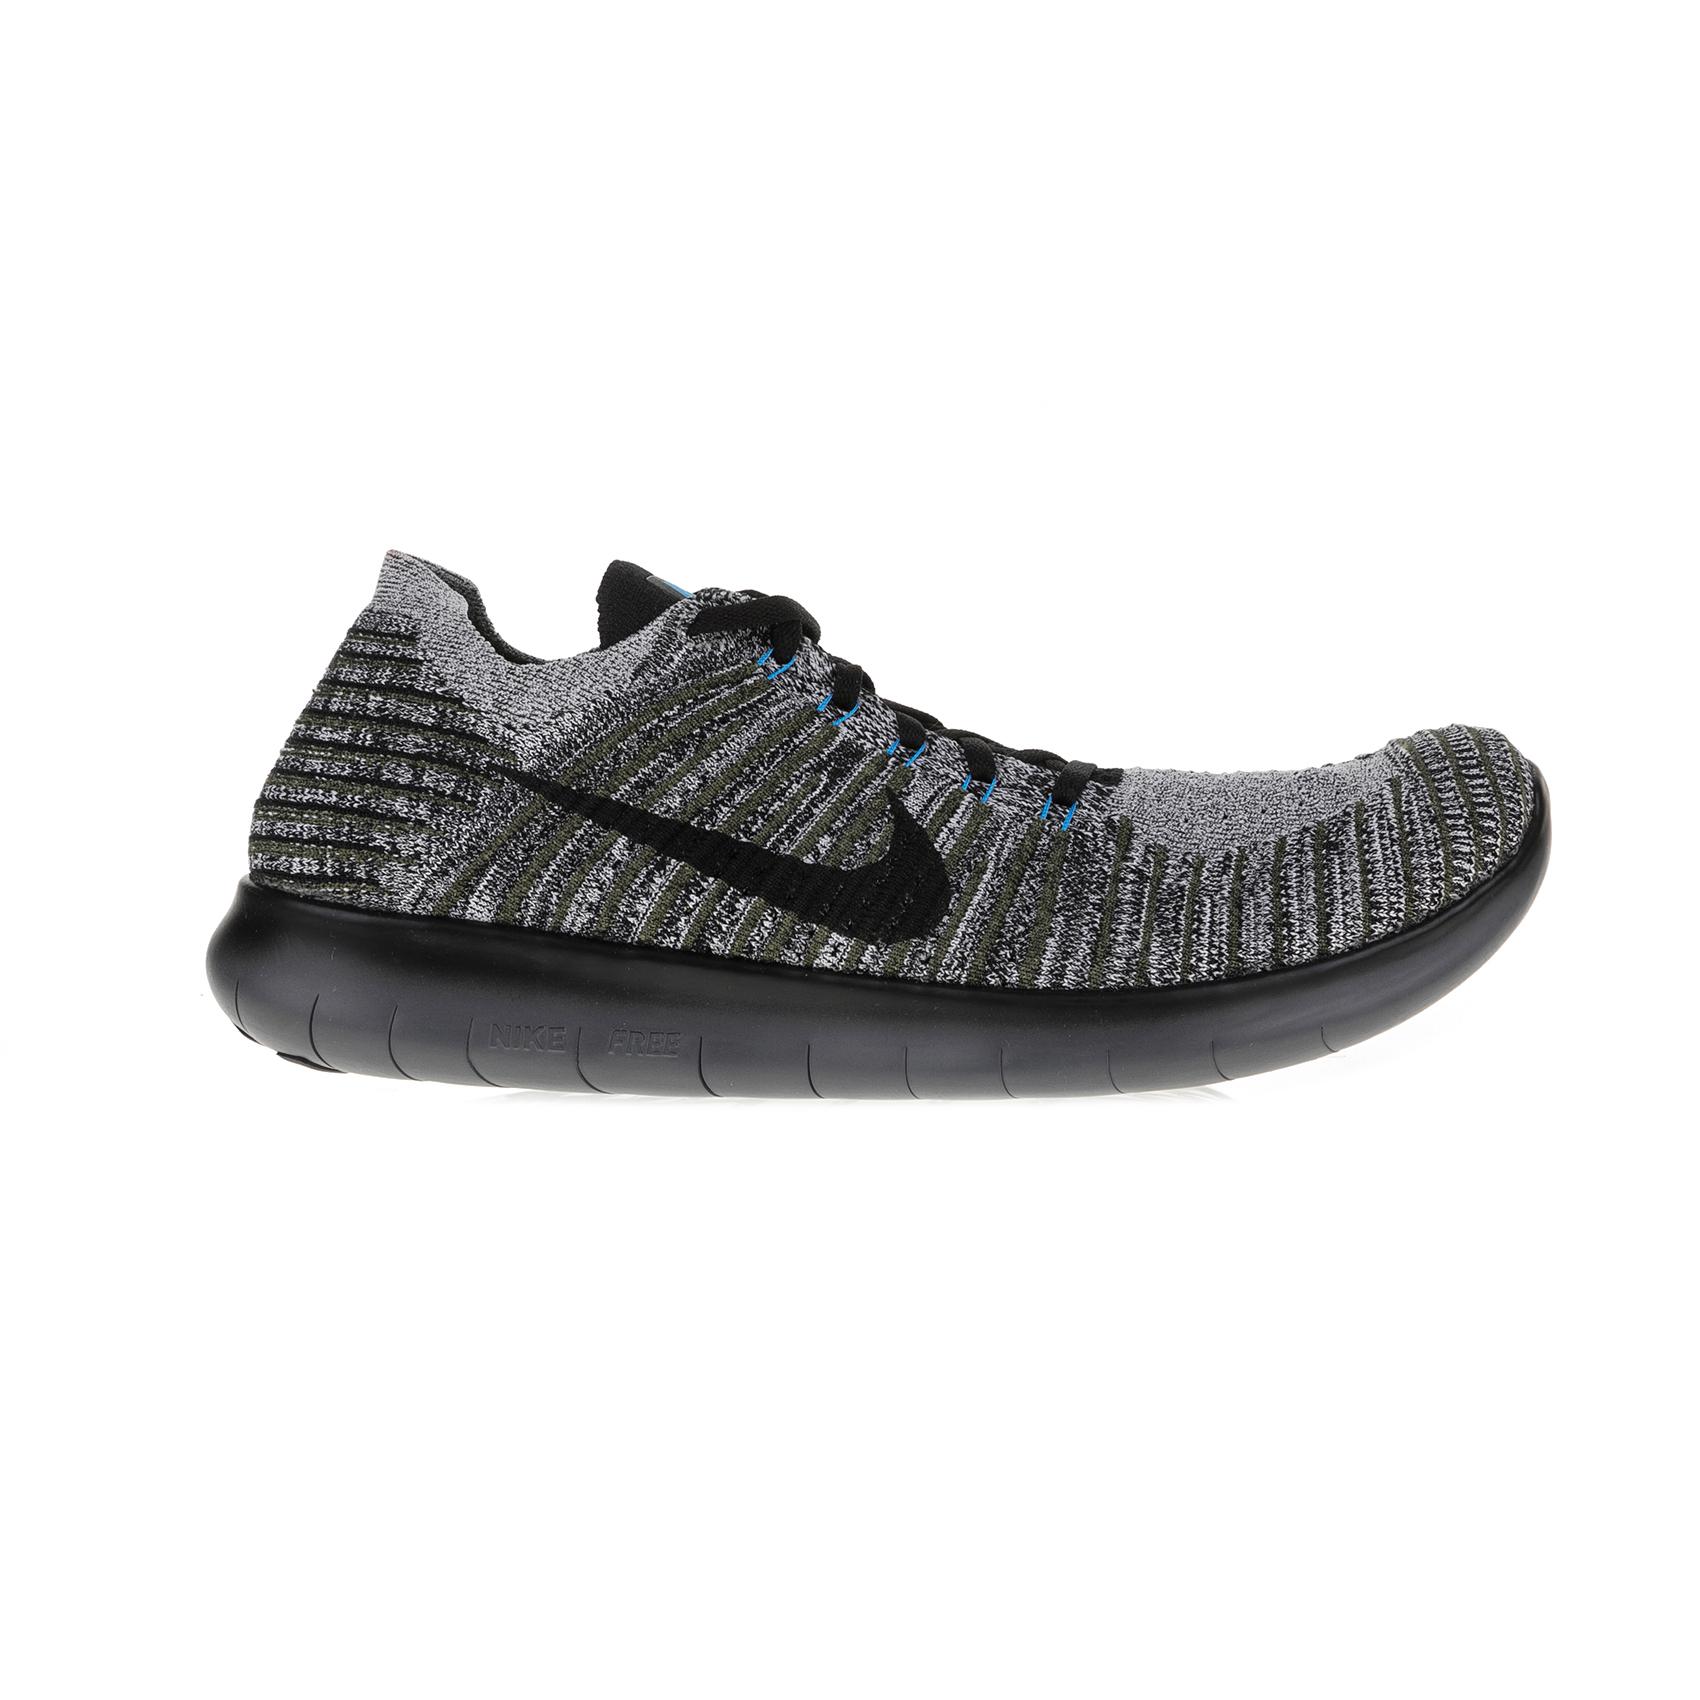 NIKE – Ανδρικά αθλητικά παπούτσια Nike FREE RN FLYKNIT γκρι